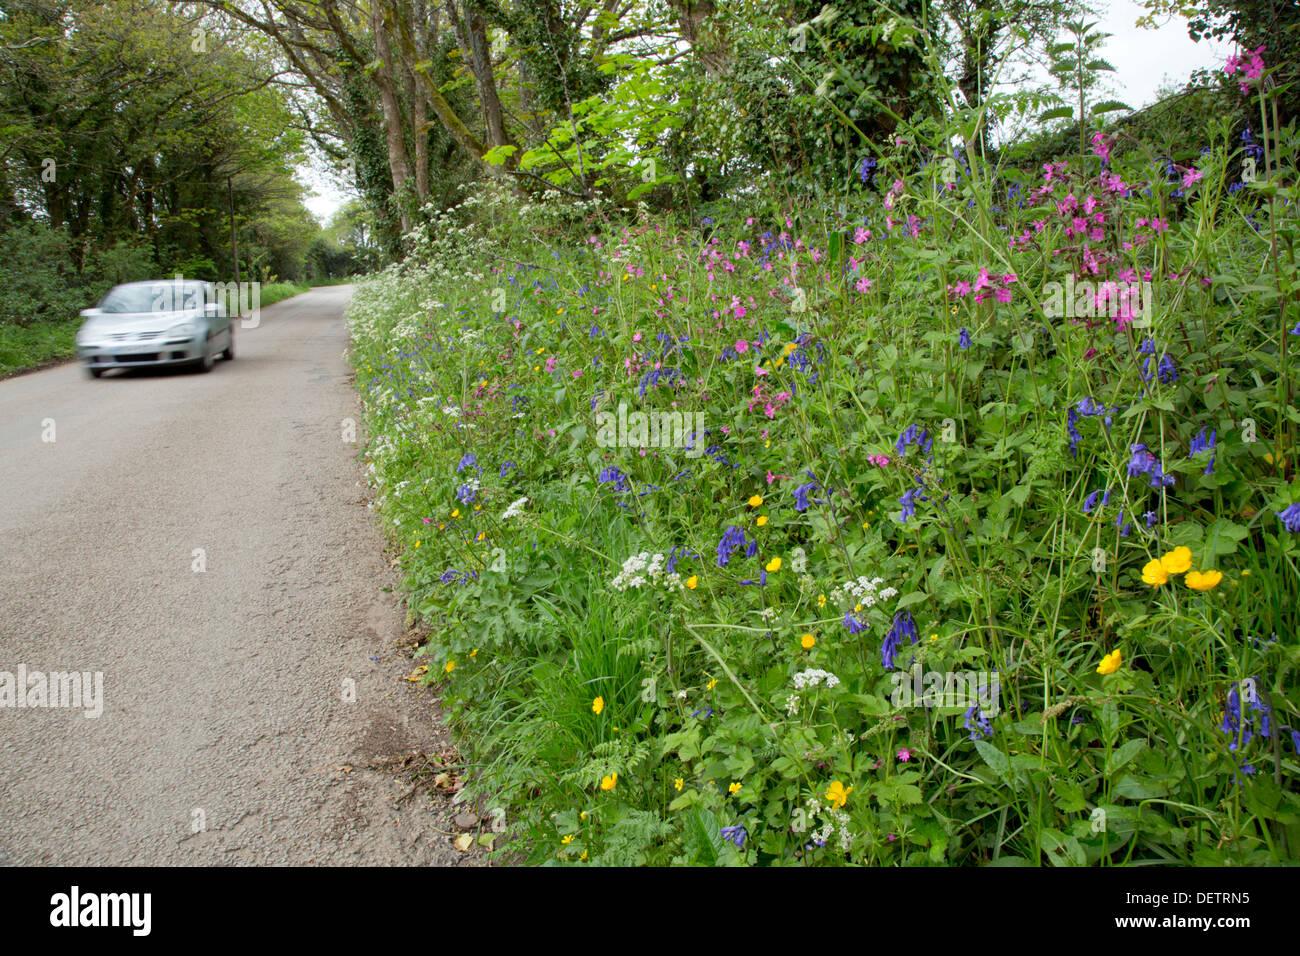 Flowers; Roadside Verge; Spring; Cornwall; UK - Stock Image